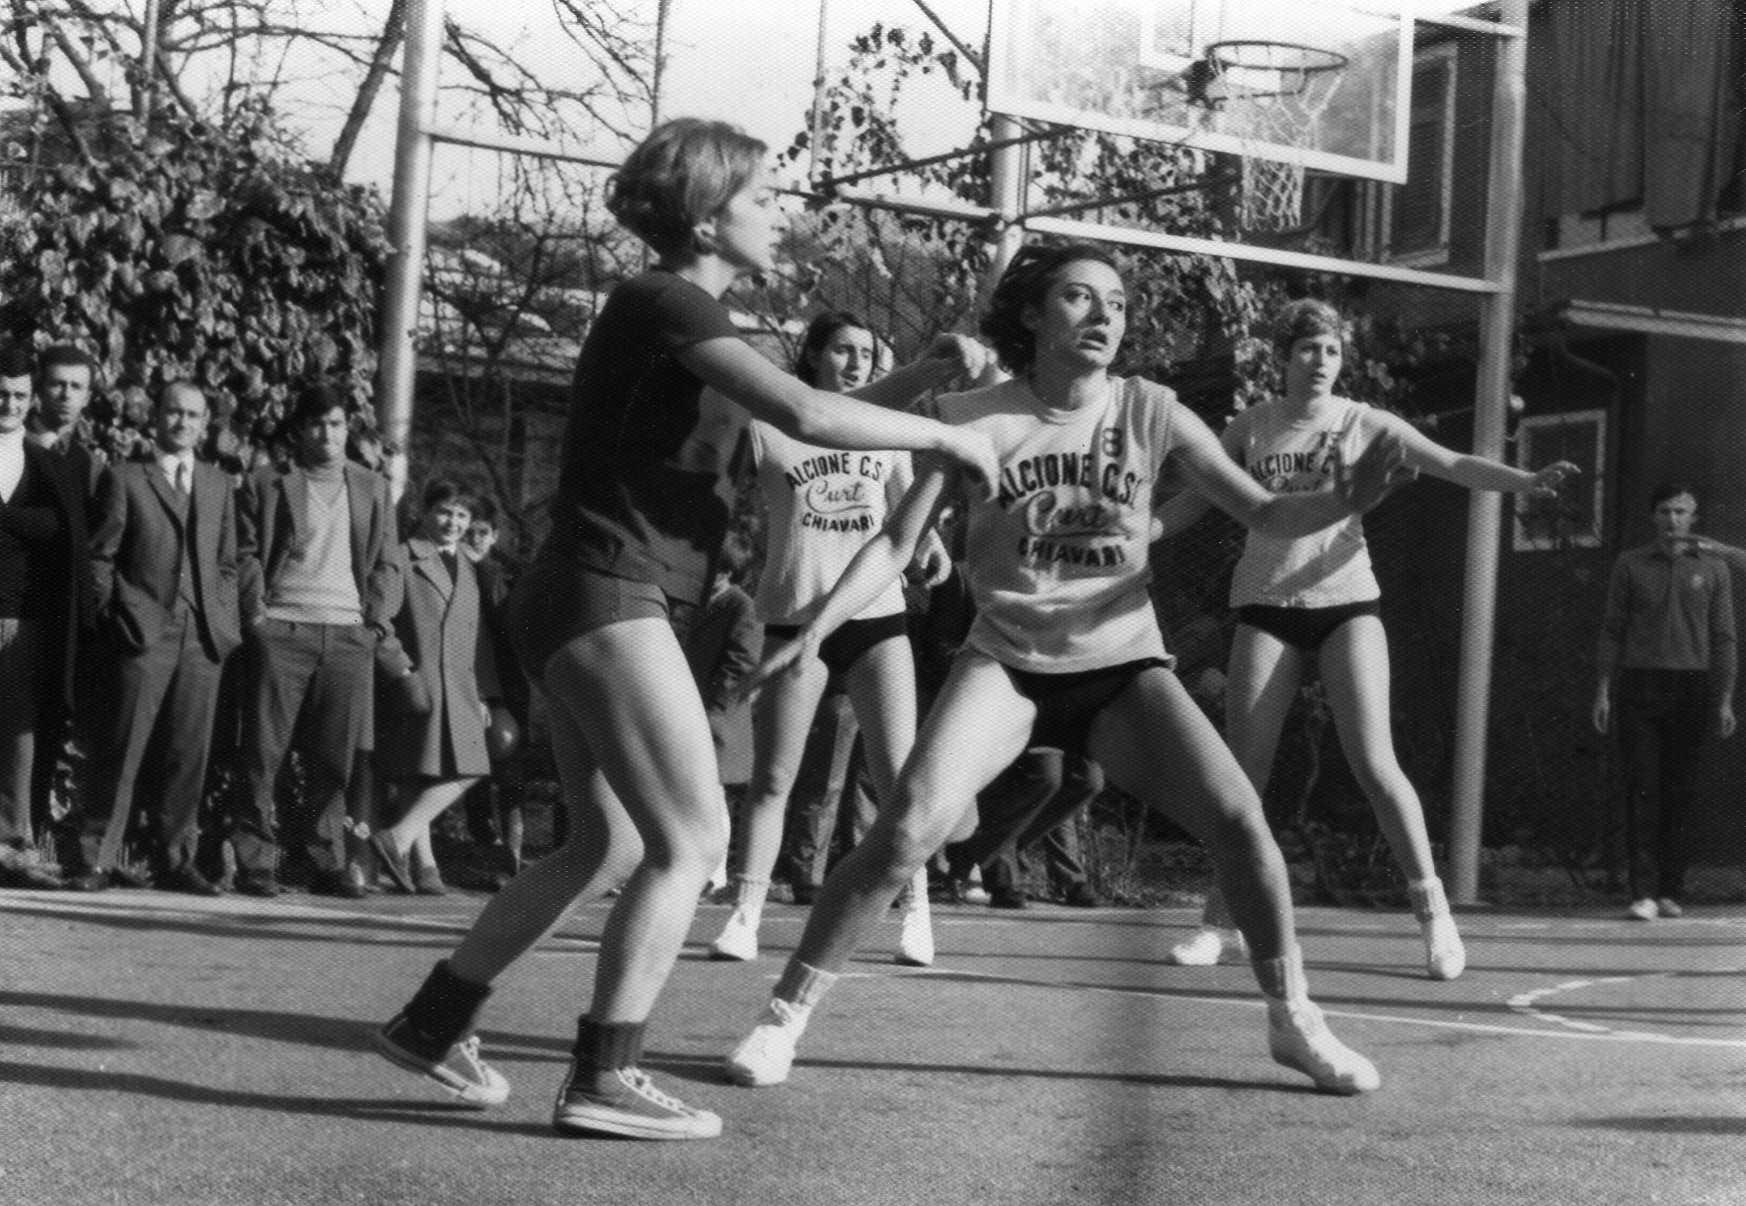 camp-to-b-serie-femm-le-1968-1969-fase-di-gioco